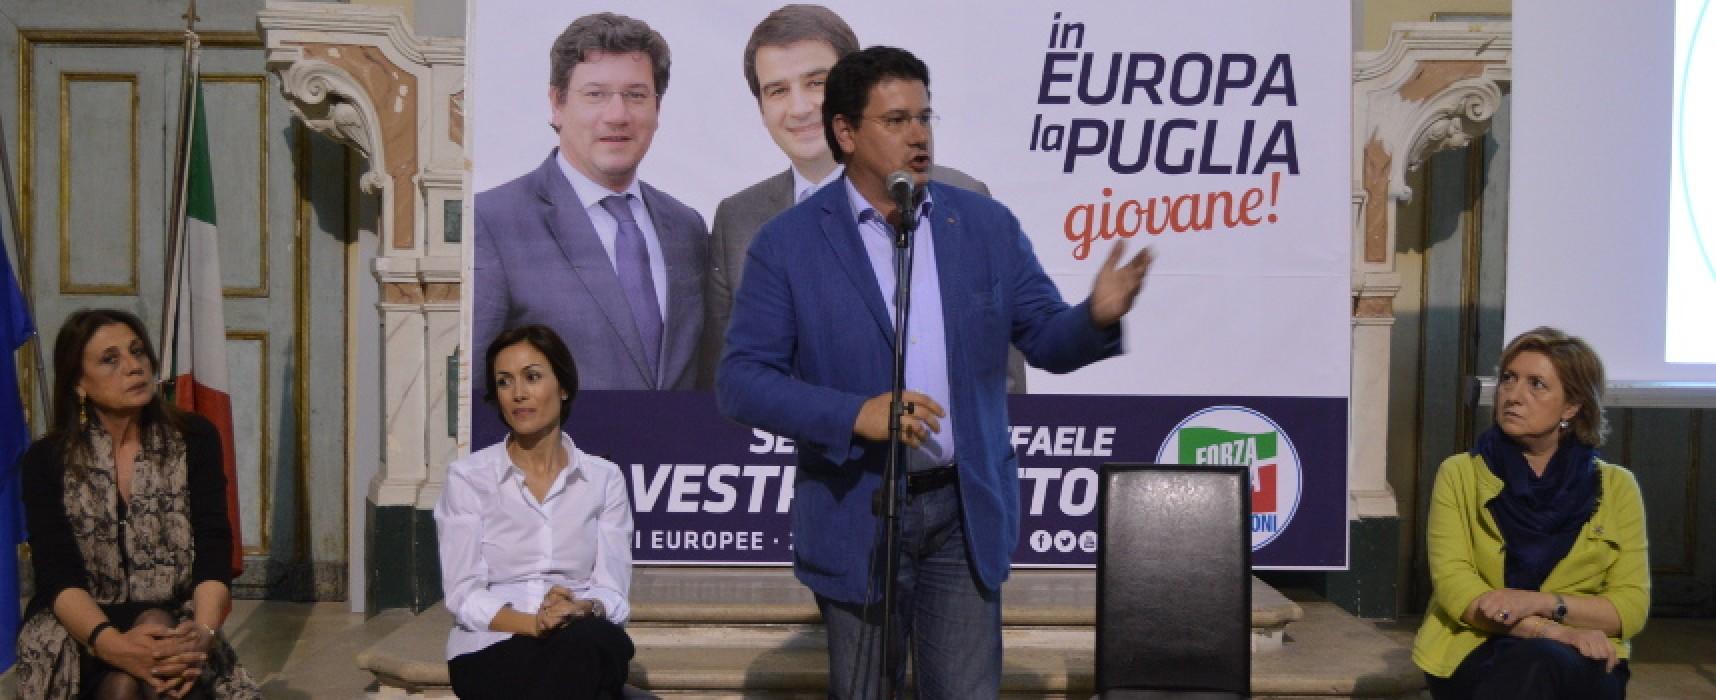 """Sergio Silvestris (FI): """"Qualcuno di molto mediocre sfrutta queste elezioni per fare dispetti"""""""